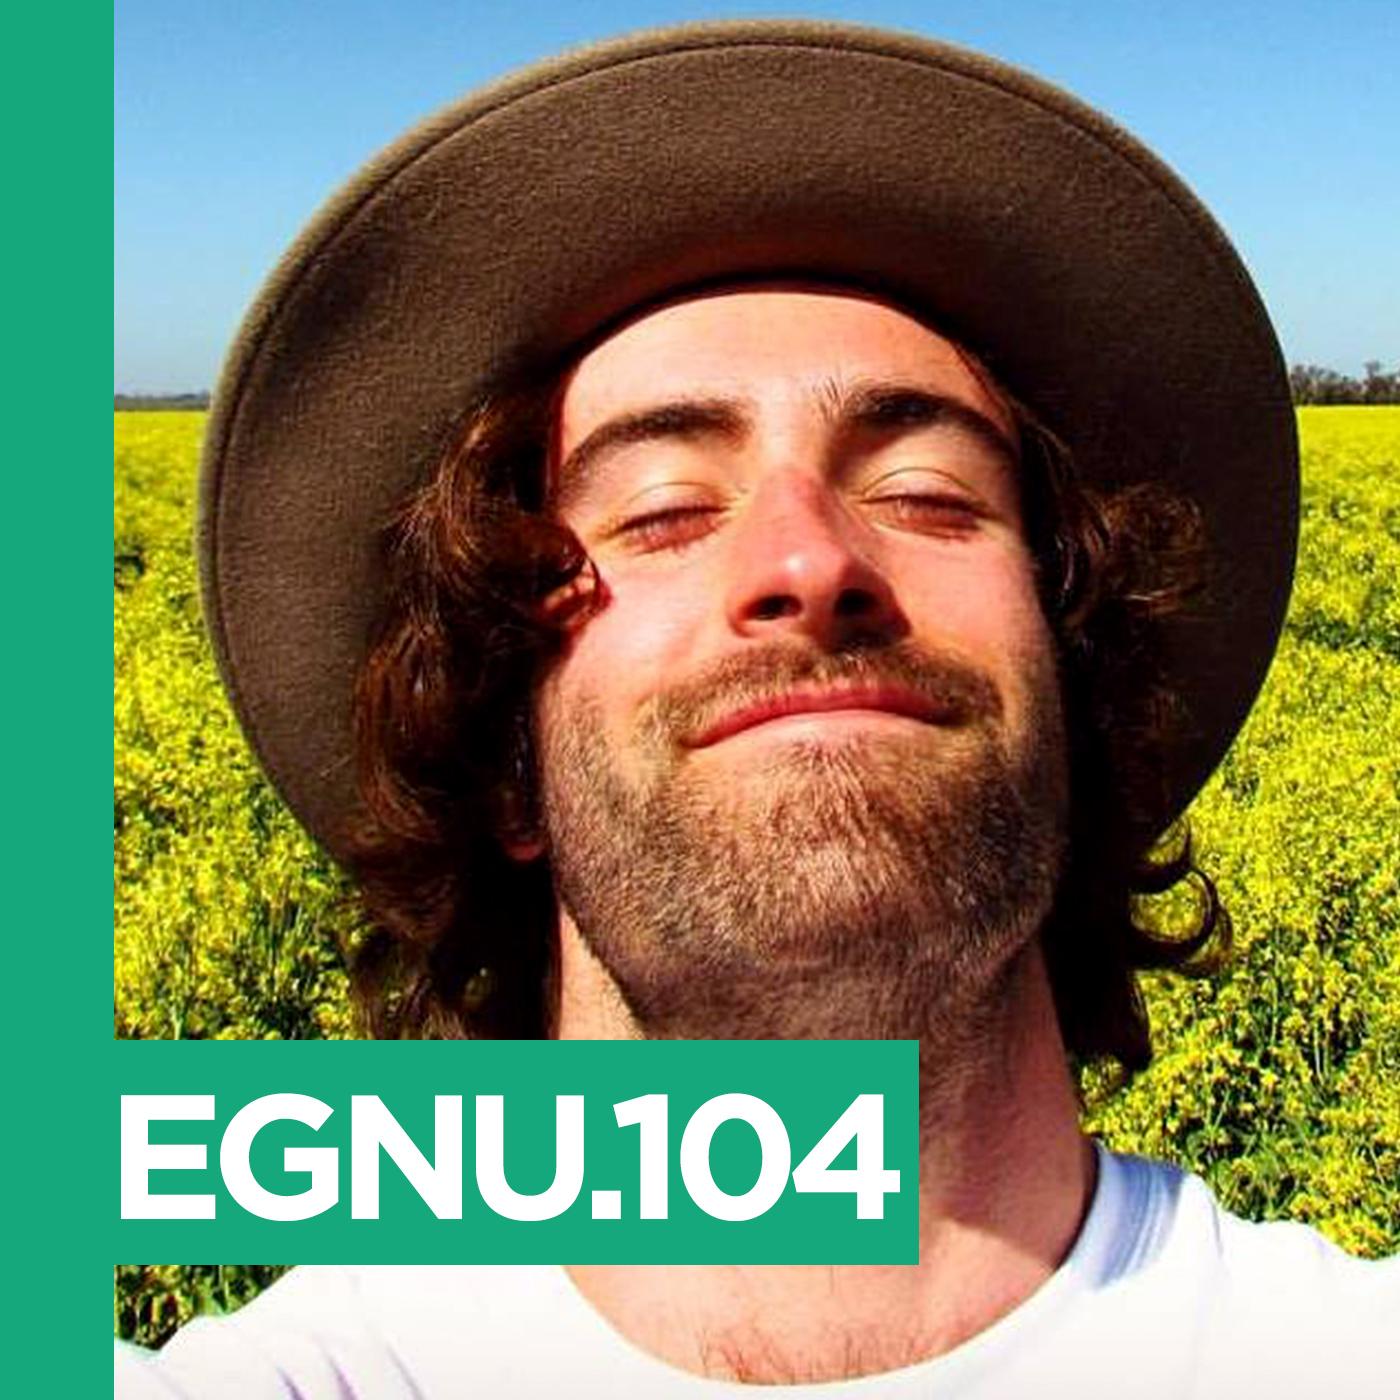 EGNU.104 Jungle Murray